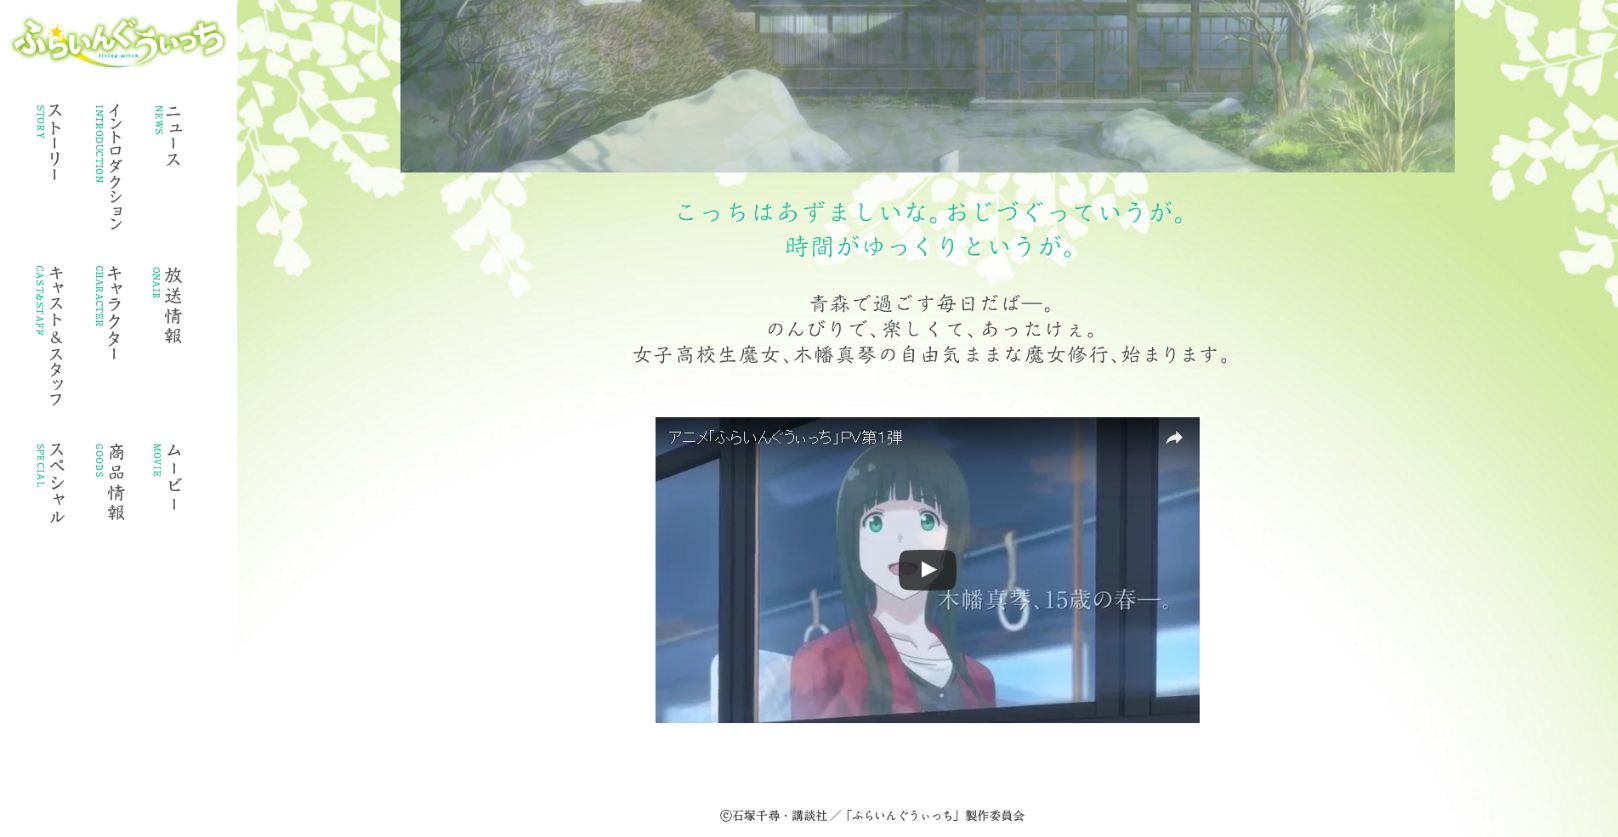 TVアニメ「ふらいんぐうぃっち」公式サイト エイプリルフール